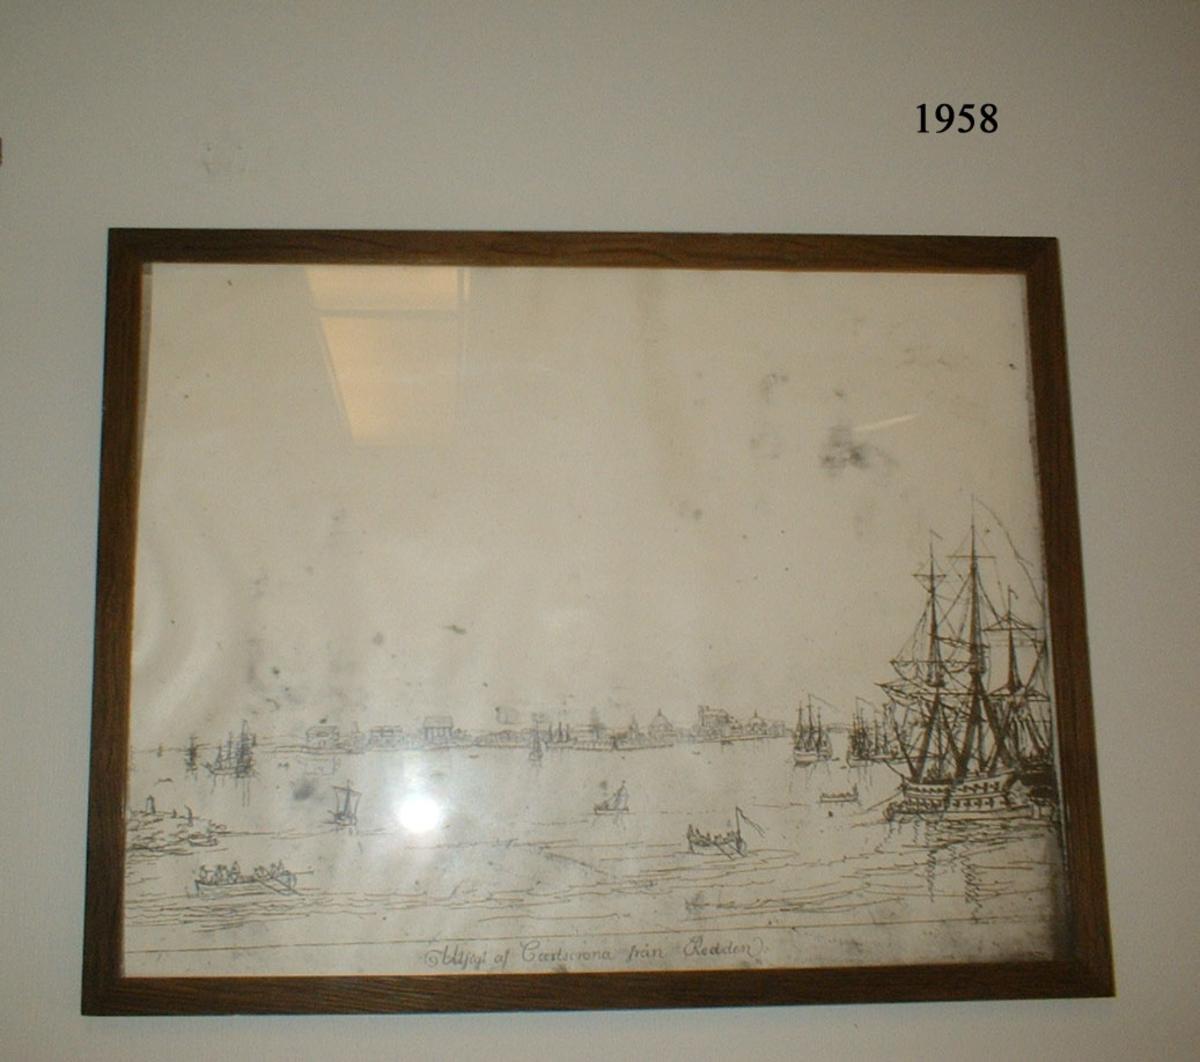 """Fotokopia efter originalritning """"Utsikt över redden af Carlscrona"""", ritad av Joh. P. Cumlin år 1787. Inom glas och ram."""